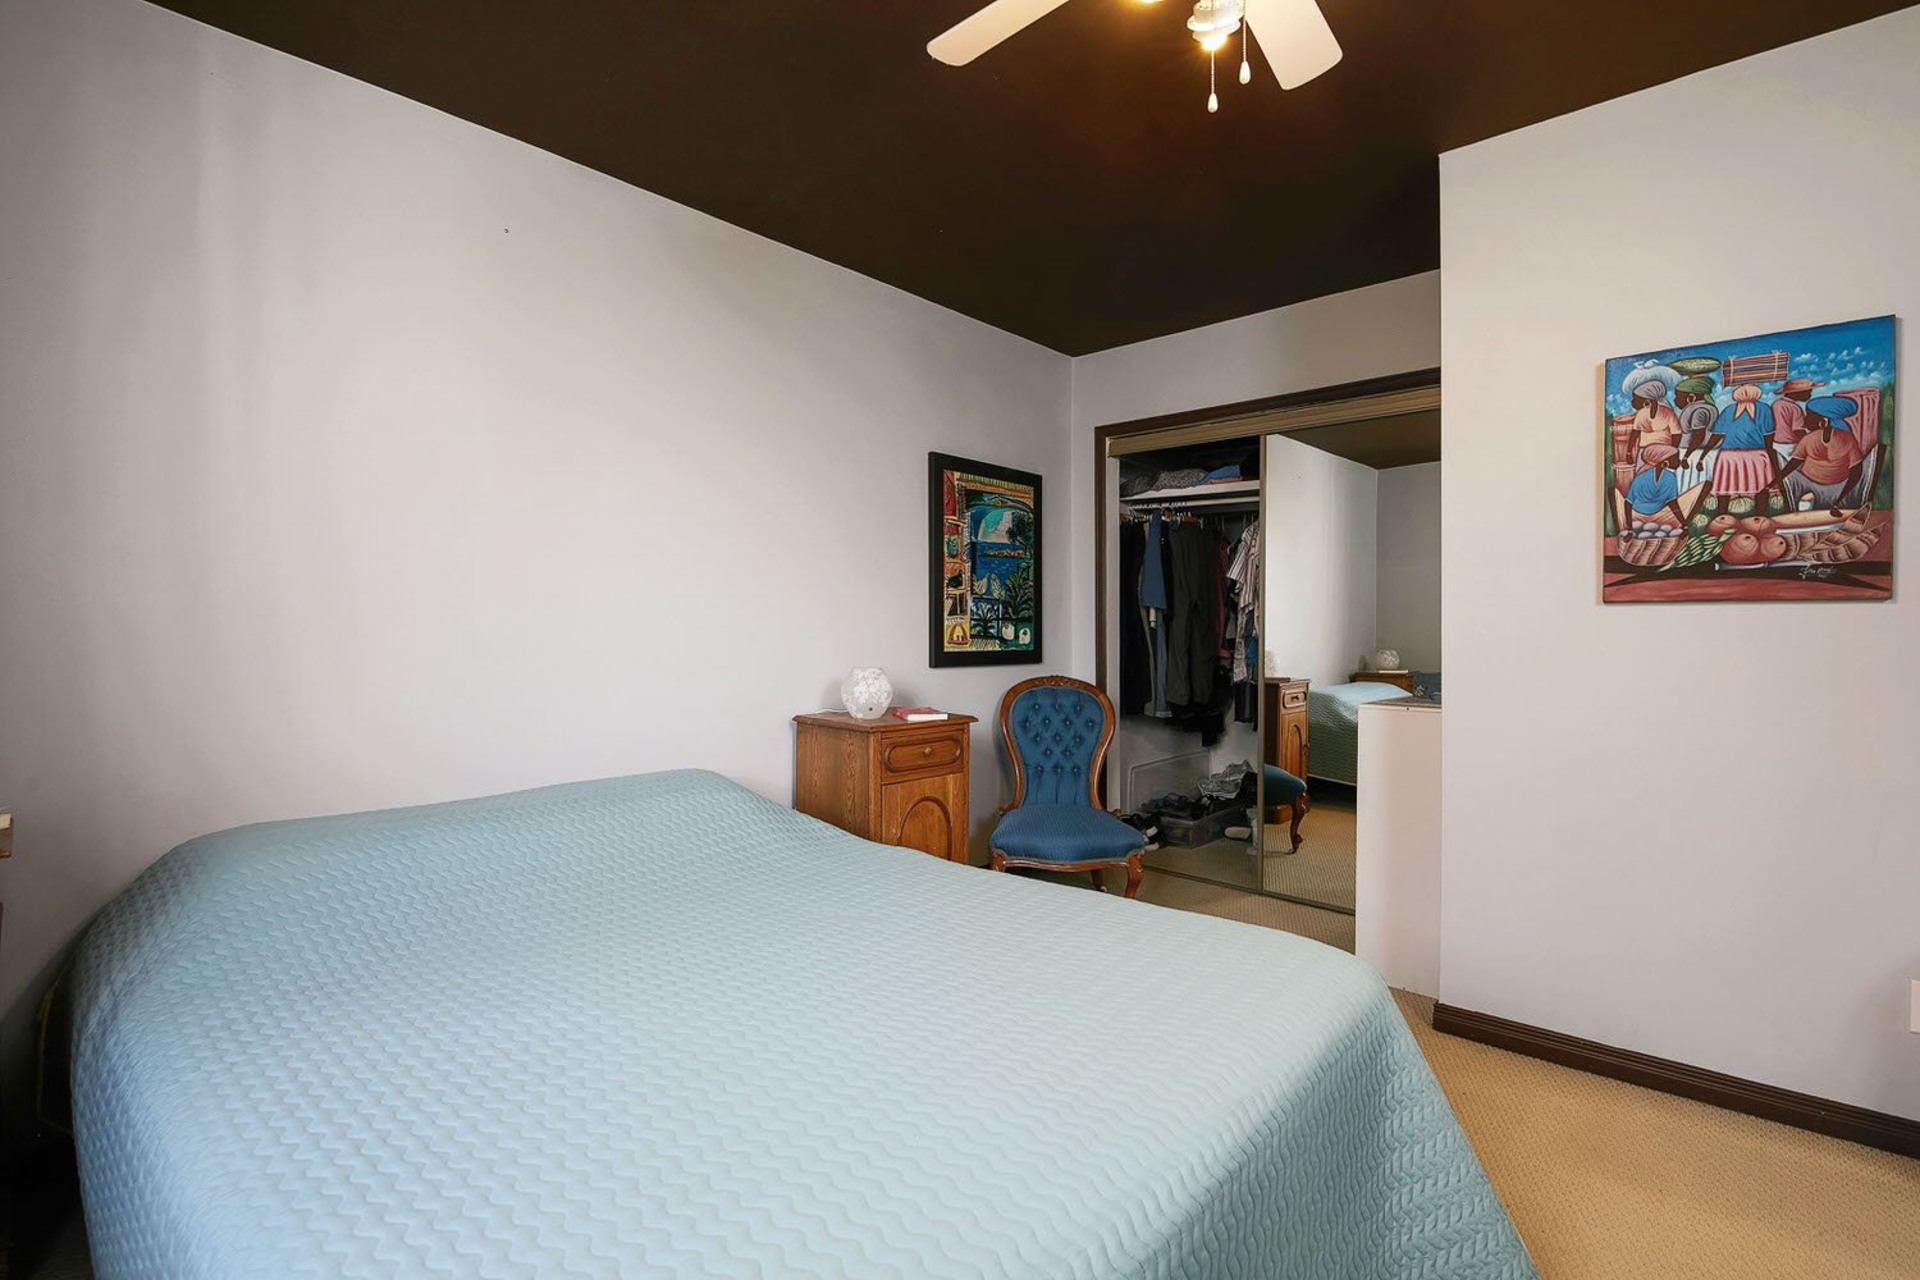 image 10 - Appartement À vendre Le Plateau-Mont-Royal Montréal  - 6 pièces